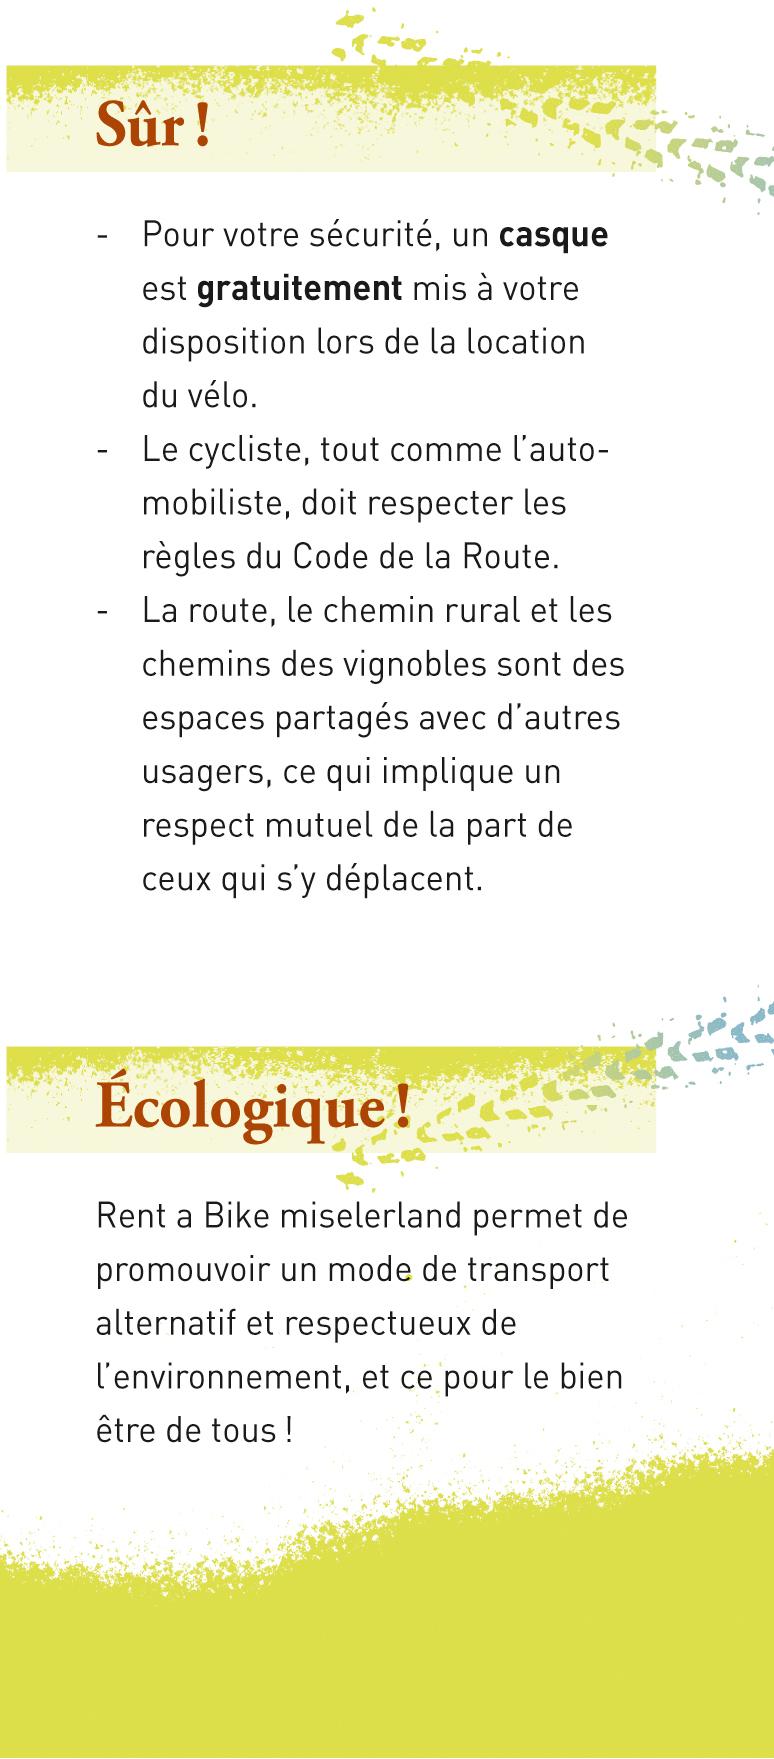 Rent-a-Bike_2.jpg#asset:756